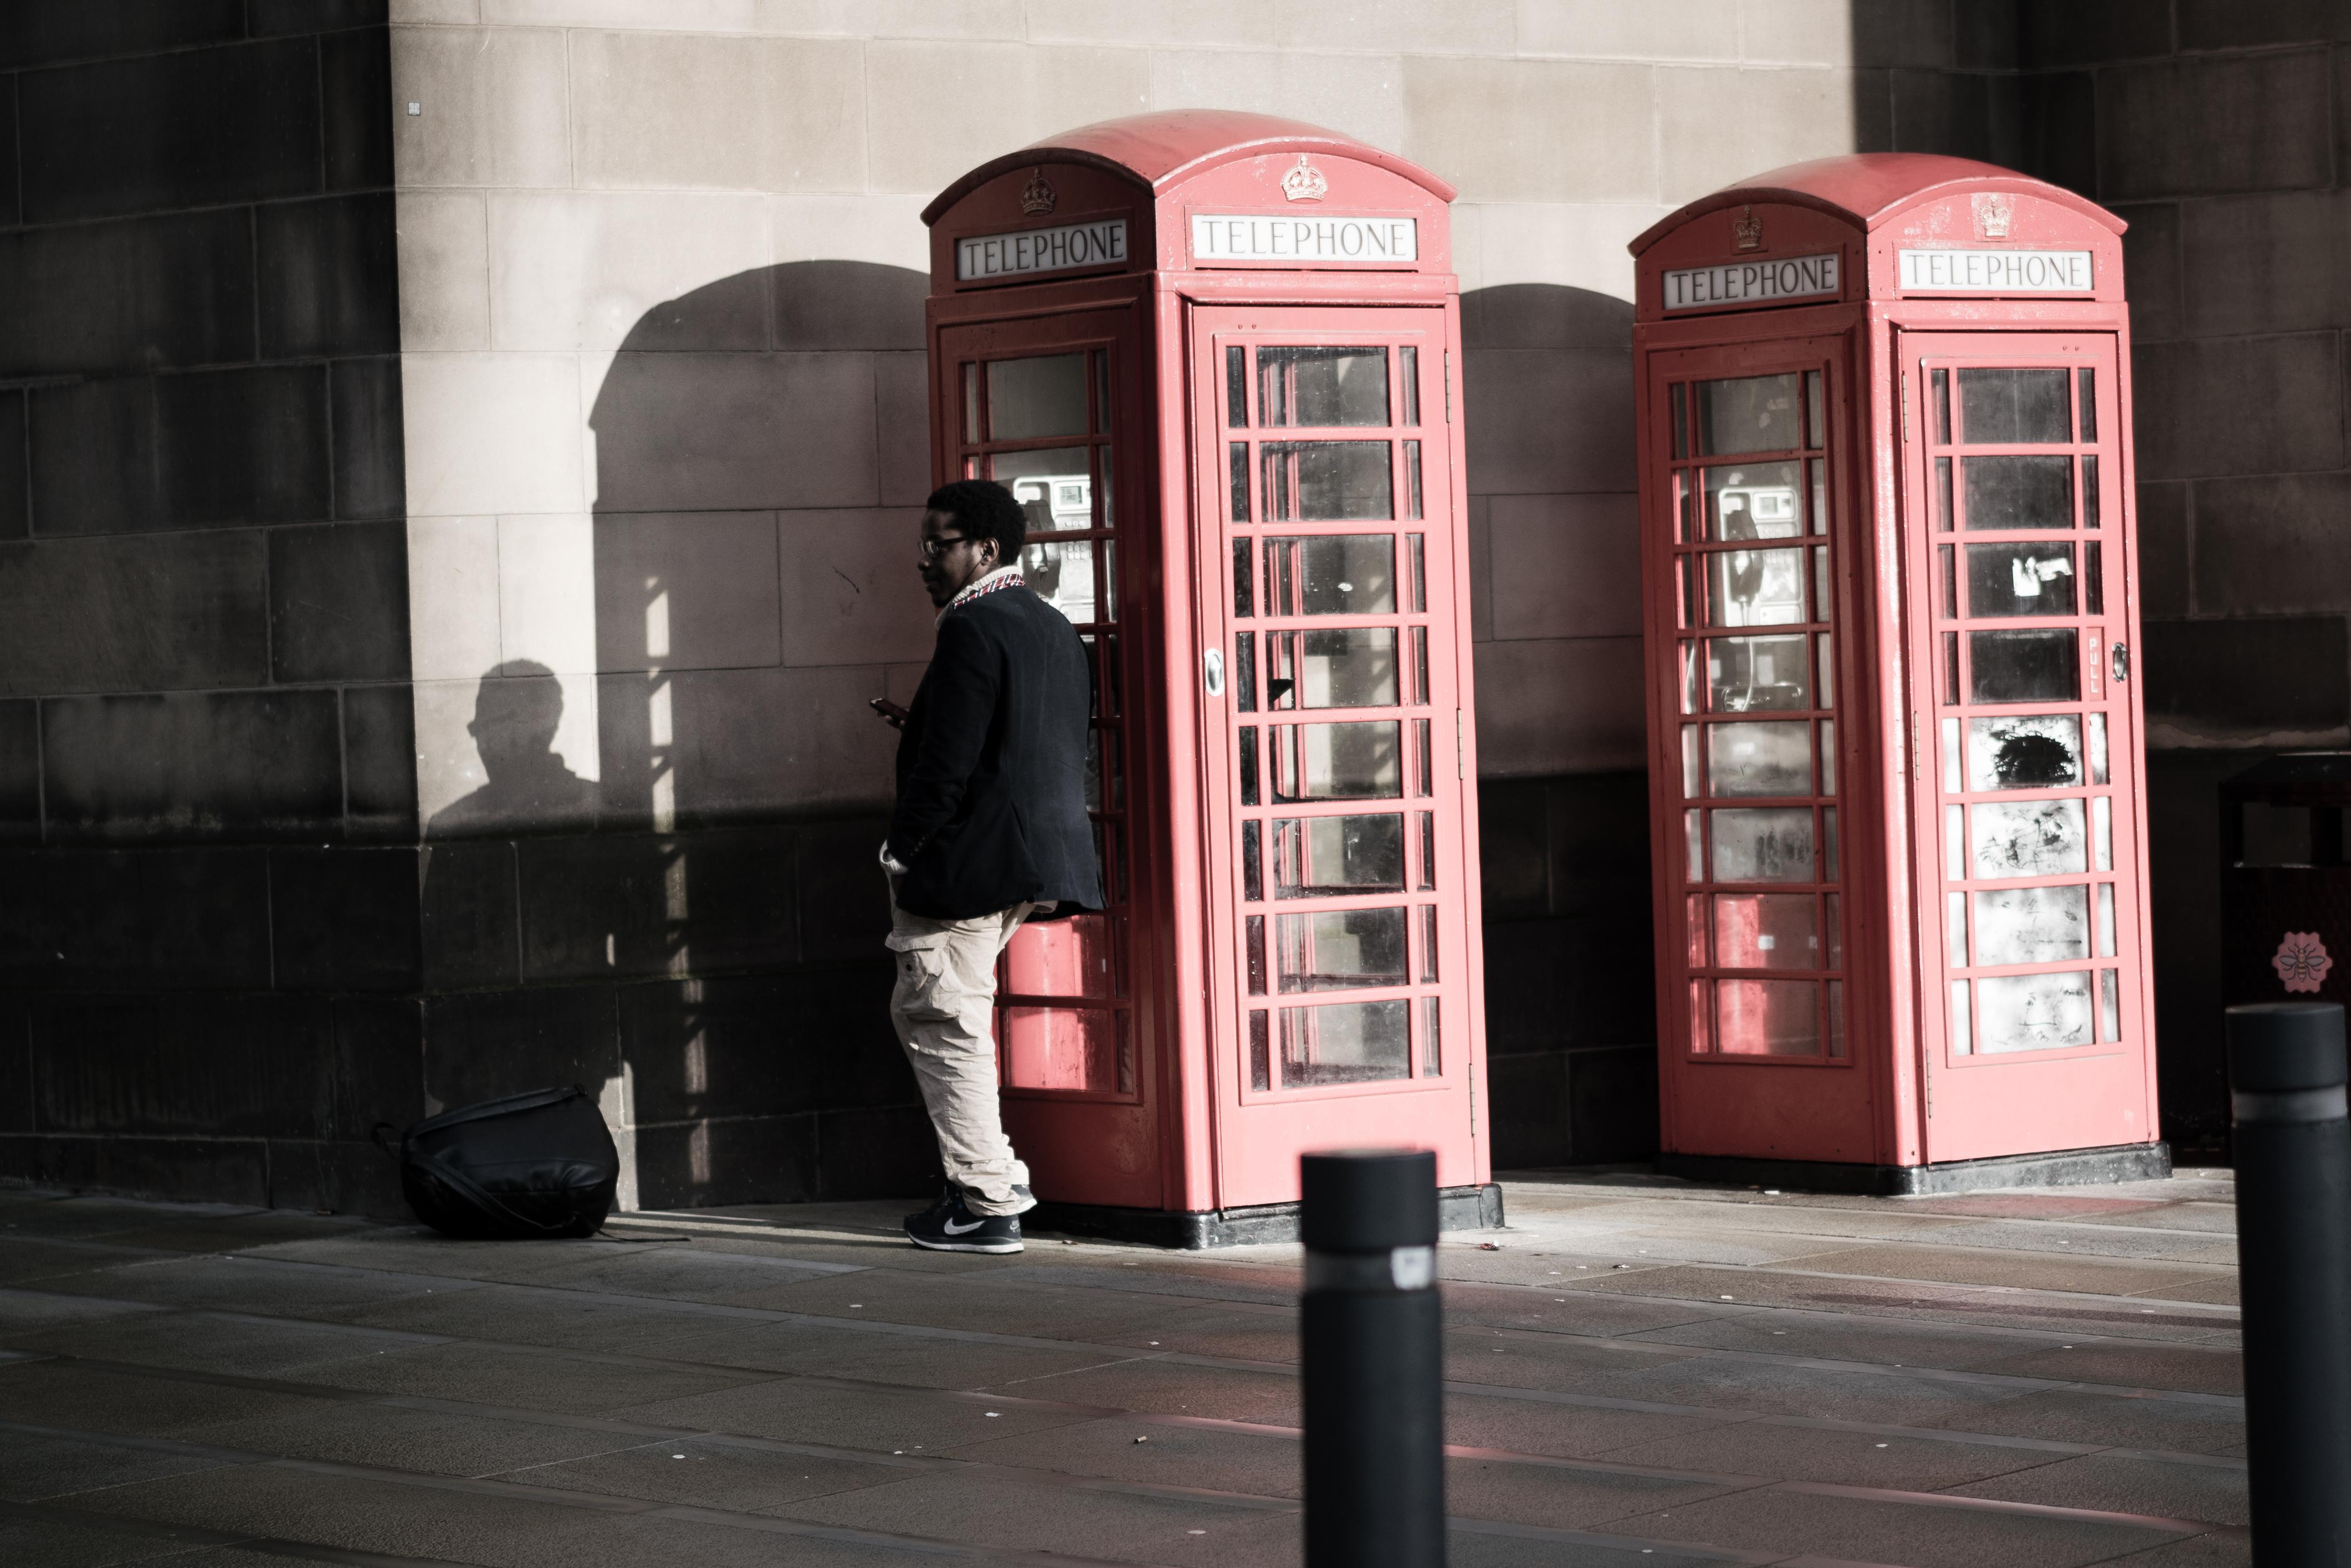 где картинка человек и телефонная будка снимках она образе